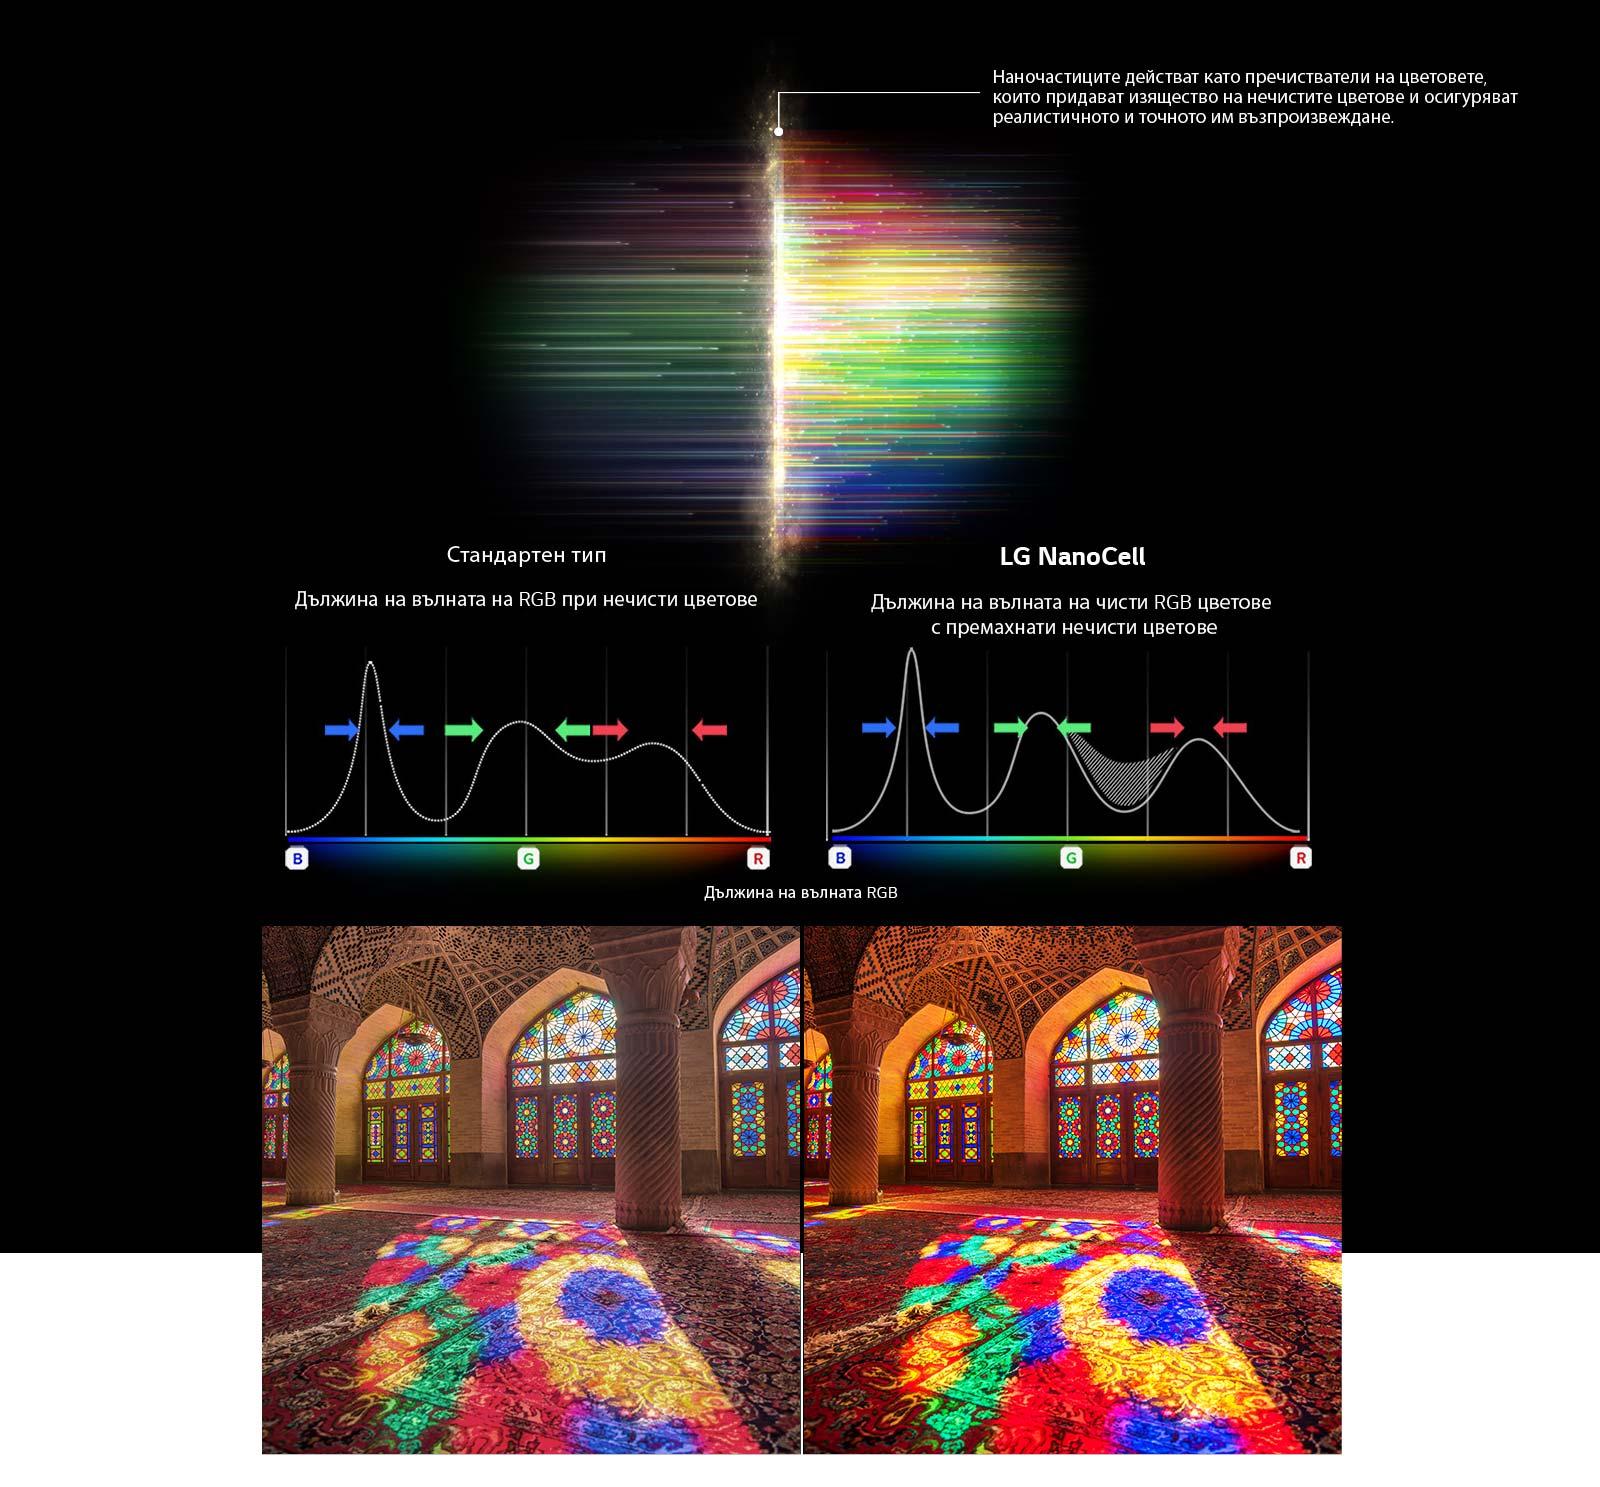 Графика на RGB спектъра, която показва филтрирането на замъглените цветове и изображения Сравняване на чистотата на цветовете между стандартна и NanoCell технология